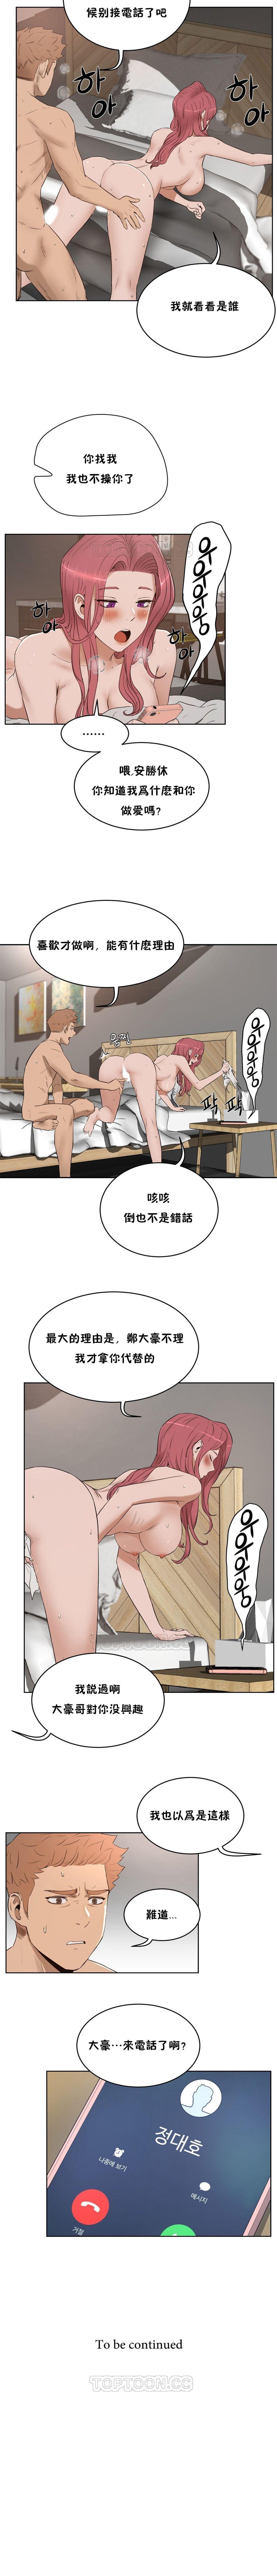 性教育 1-48.5 中文翻译(完結) 162